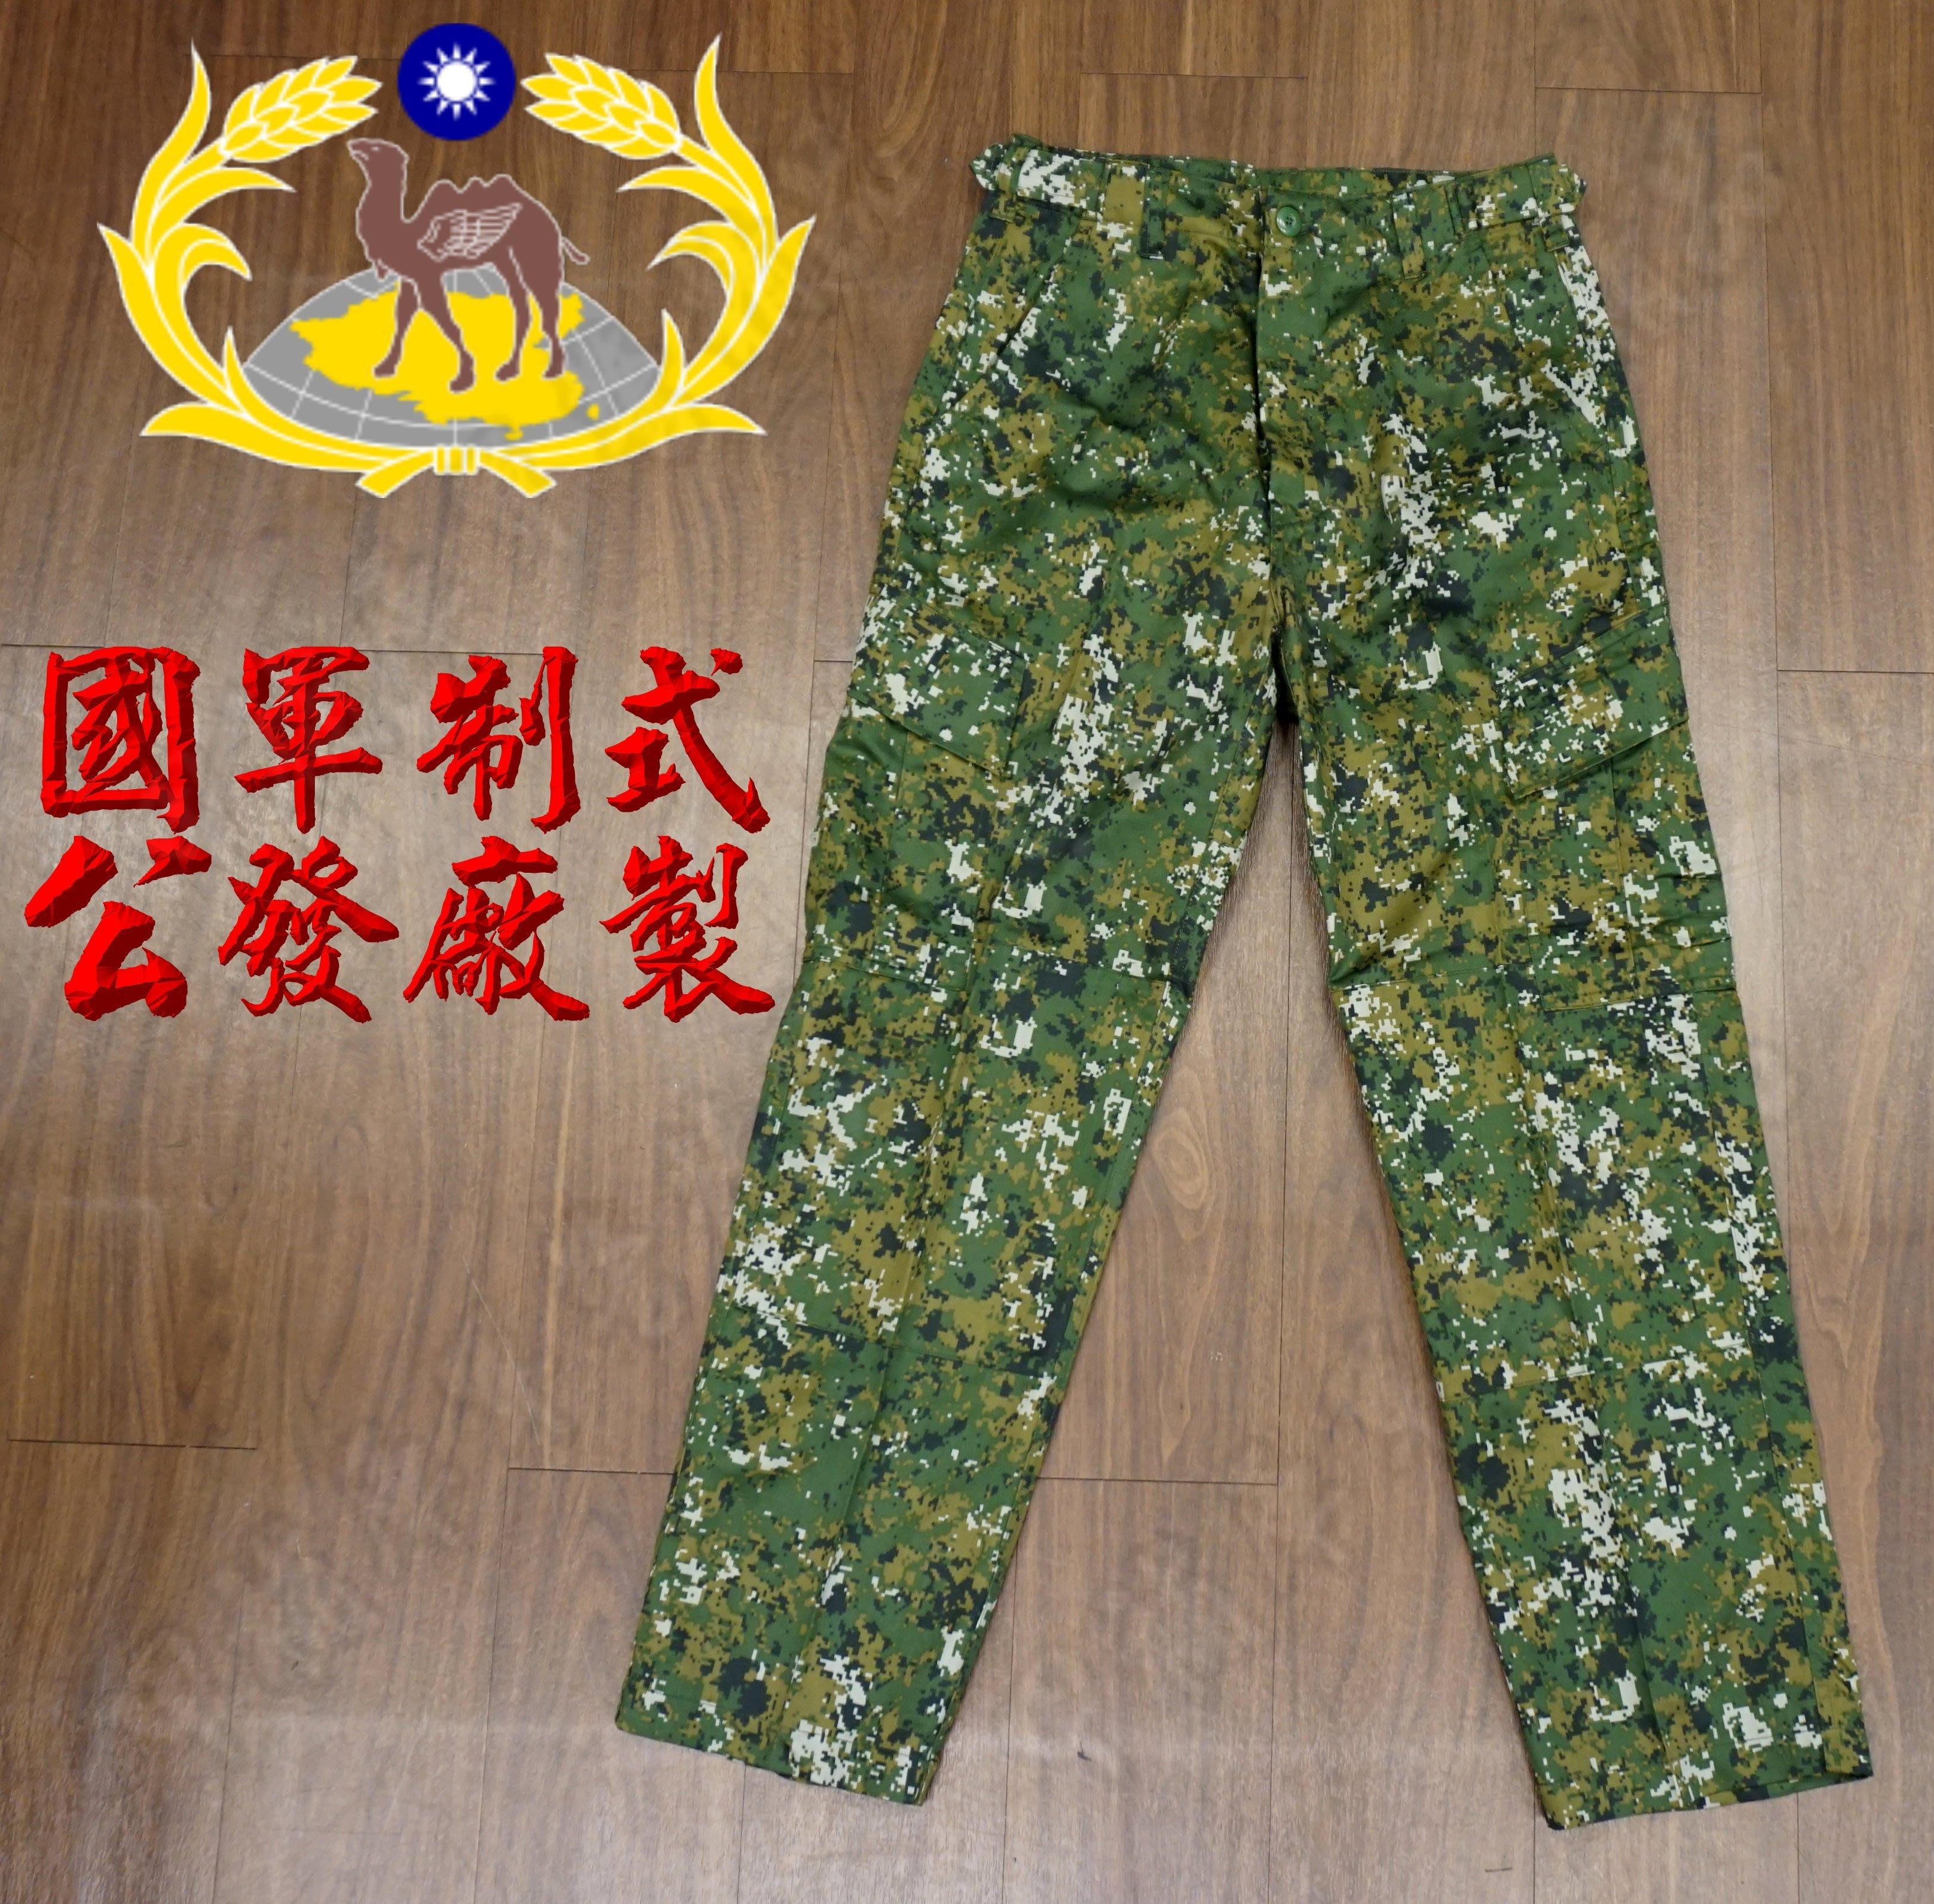 《甲補庫》~~國軍制式公發版數位迷彩長褲~公發廠製/陸式數位迷彩野戰褲